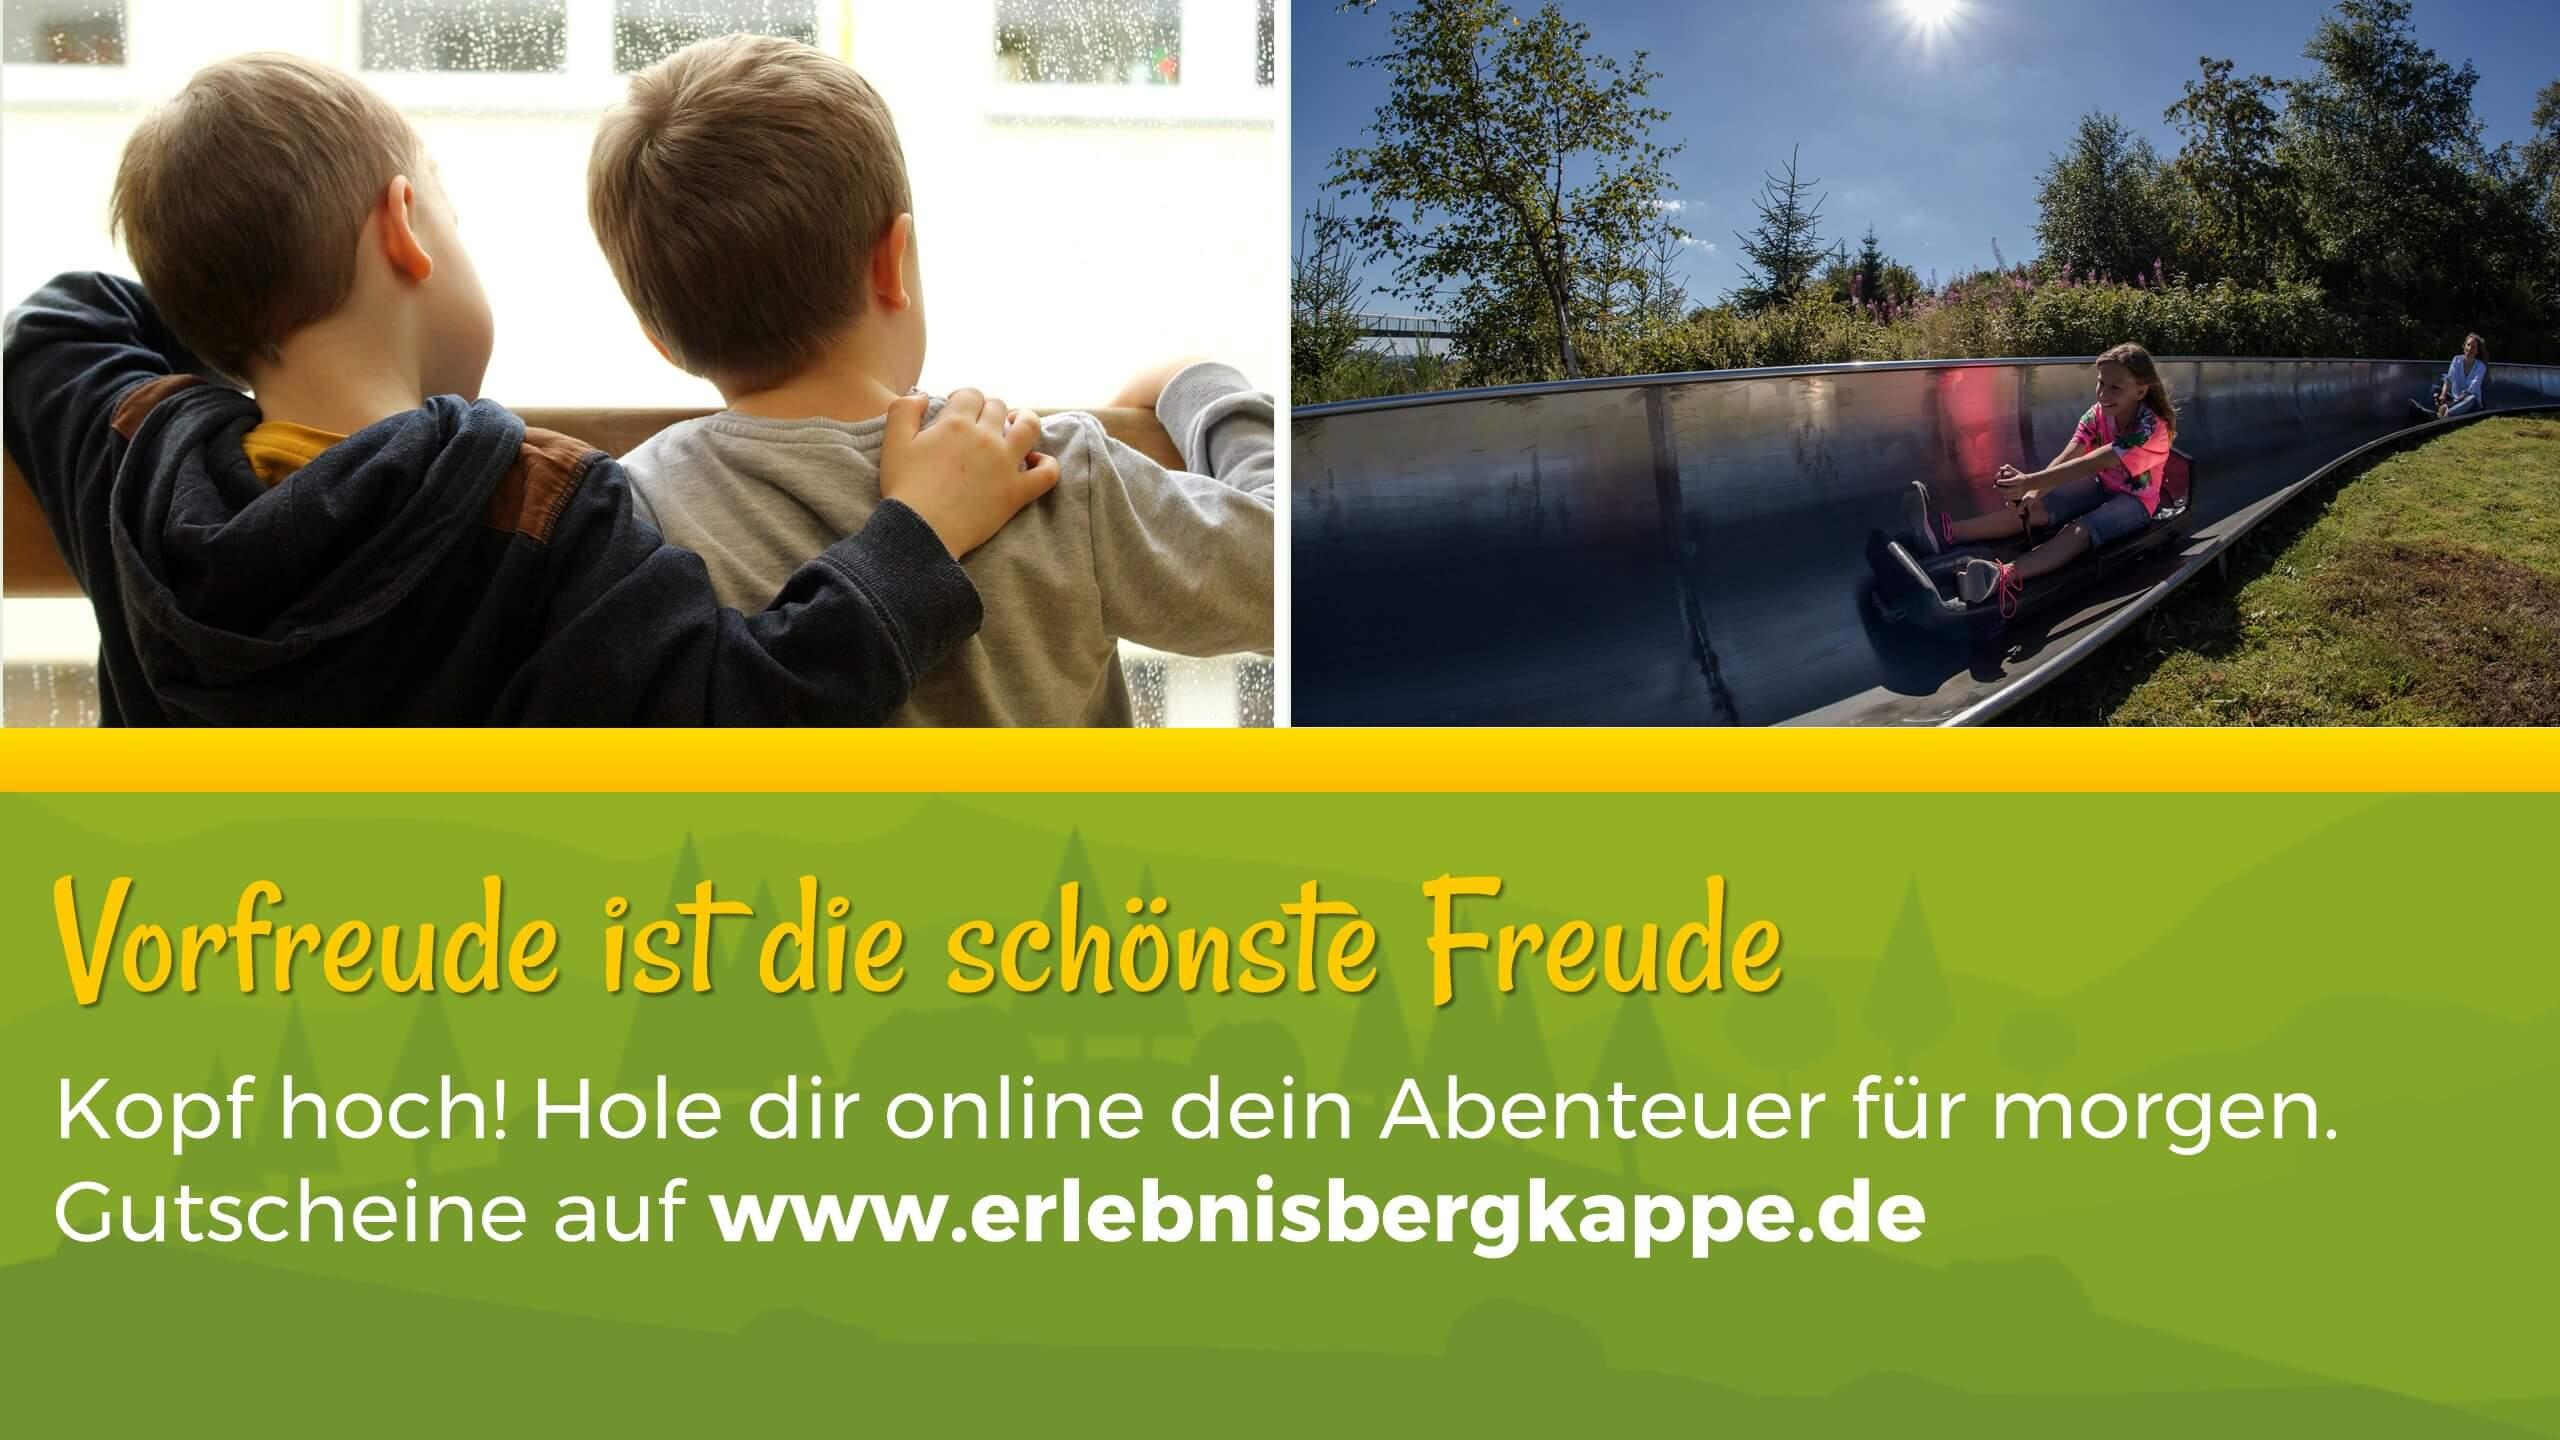 Gutscheine Erlebnisberg Kappe Winterberg (5)